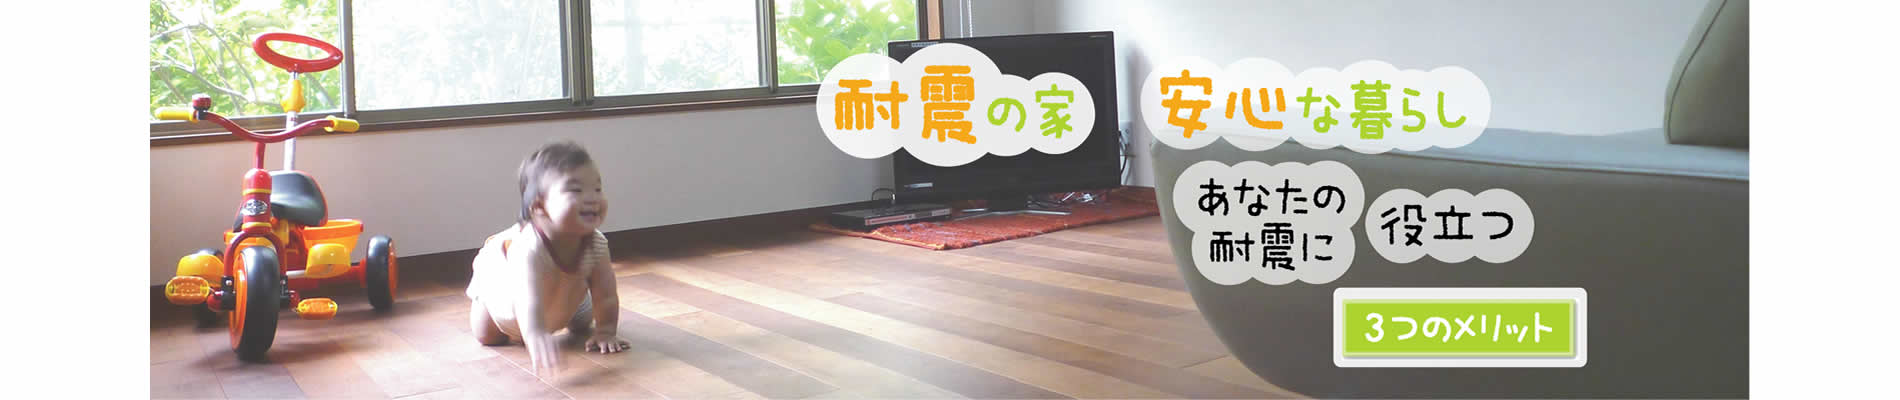 耐震の家 安心な暮らし 3つのメリット